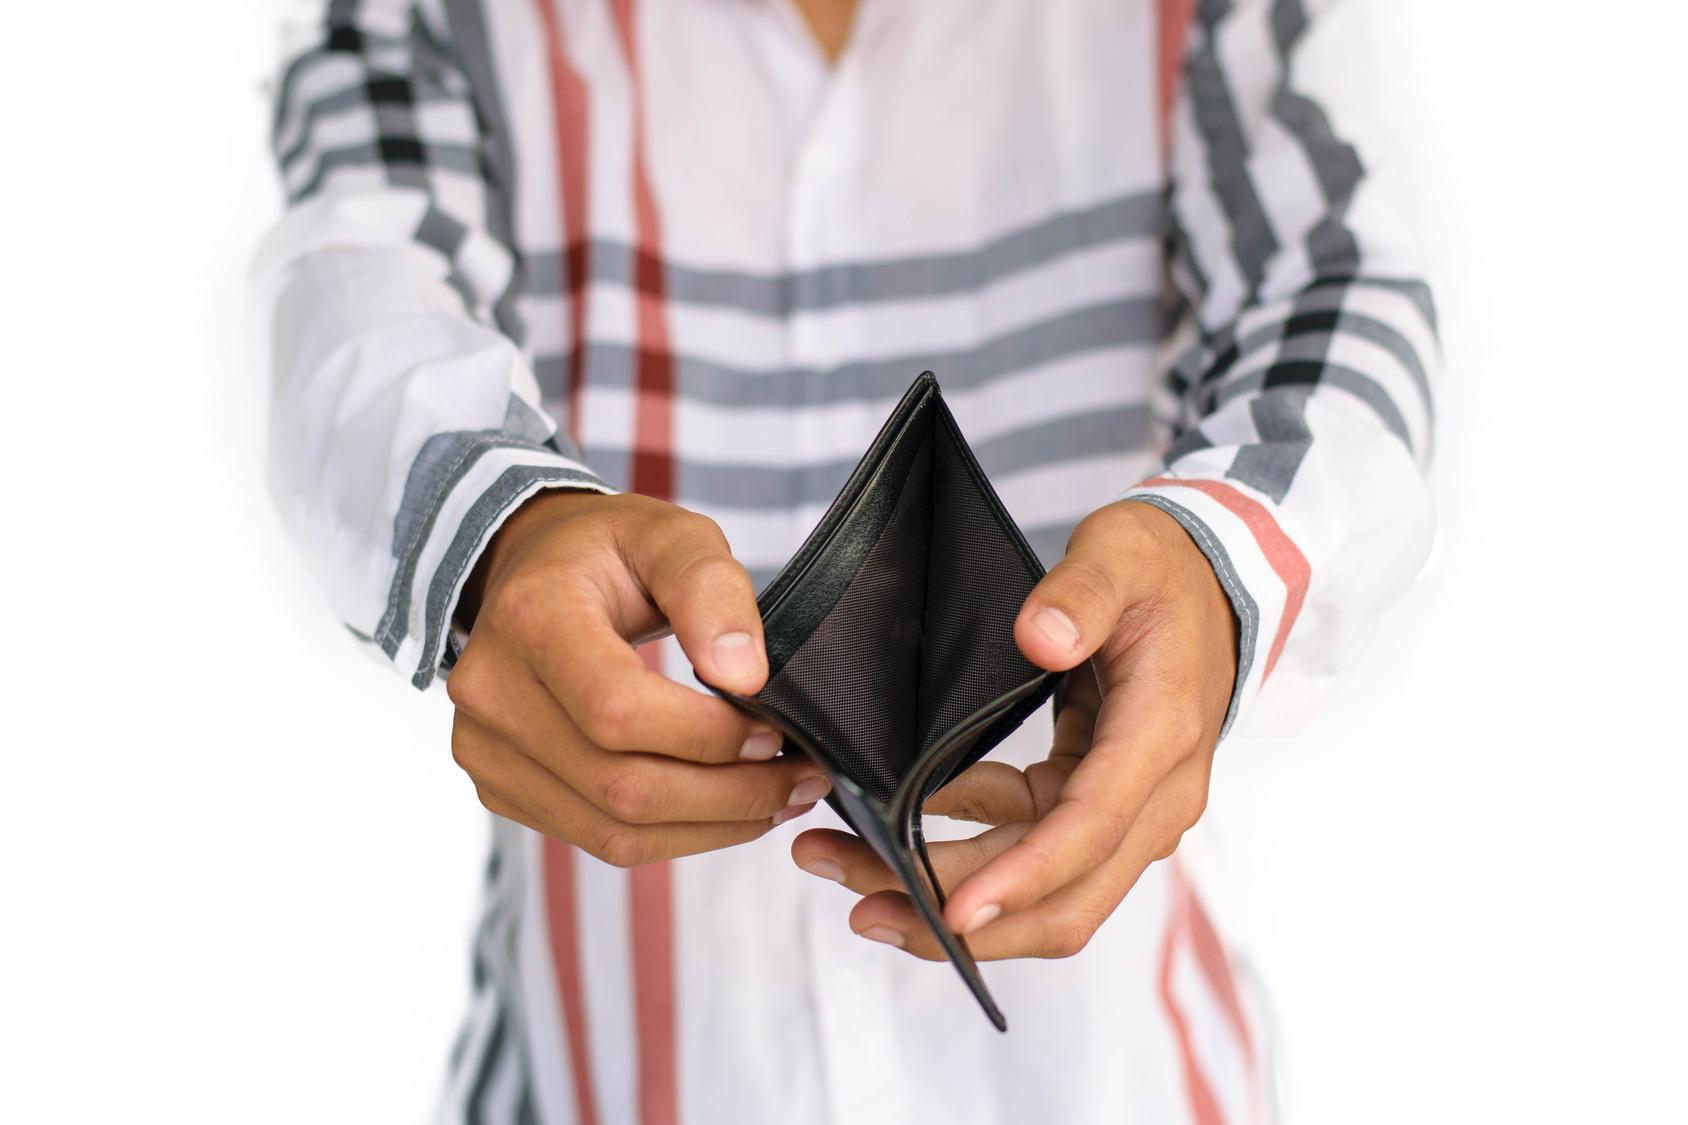 Pr t sur salaire quel prix - Salaire vendeuse pret a porter ...